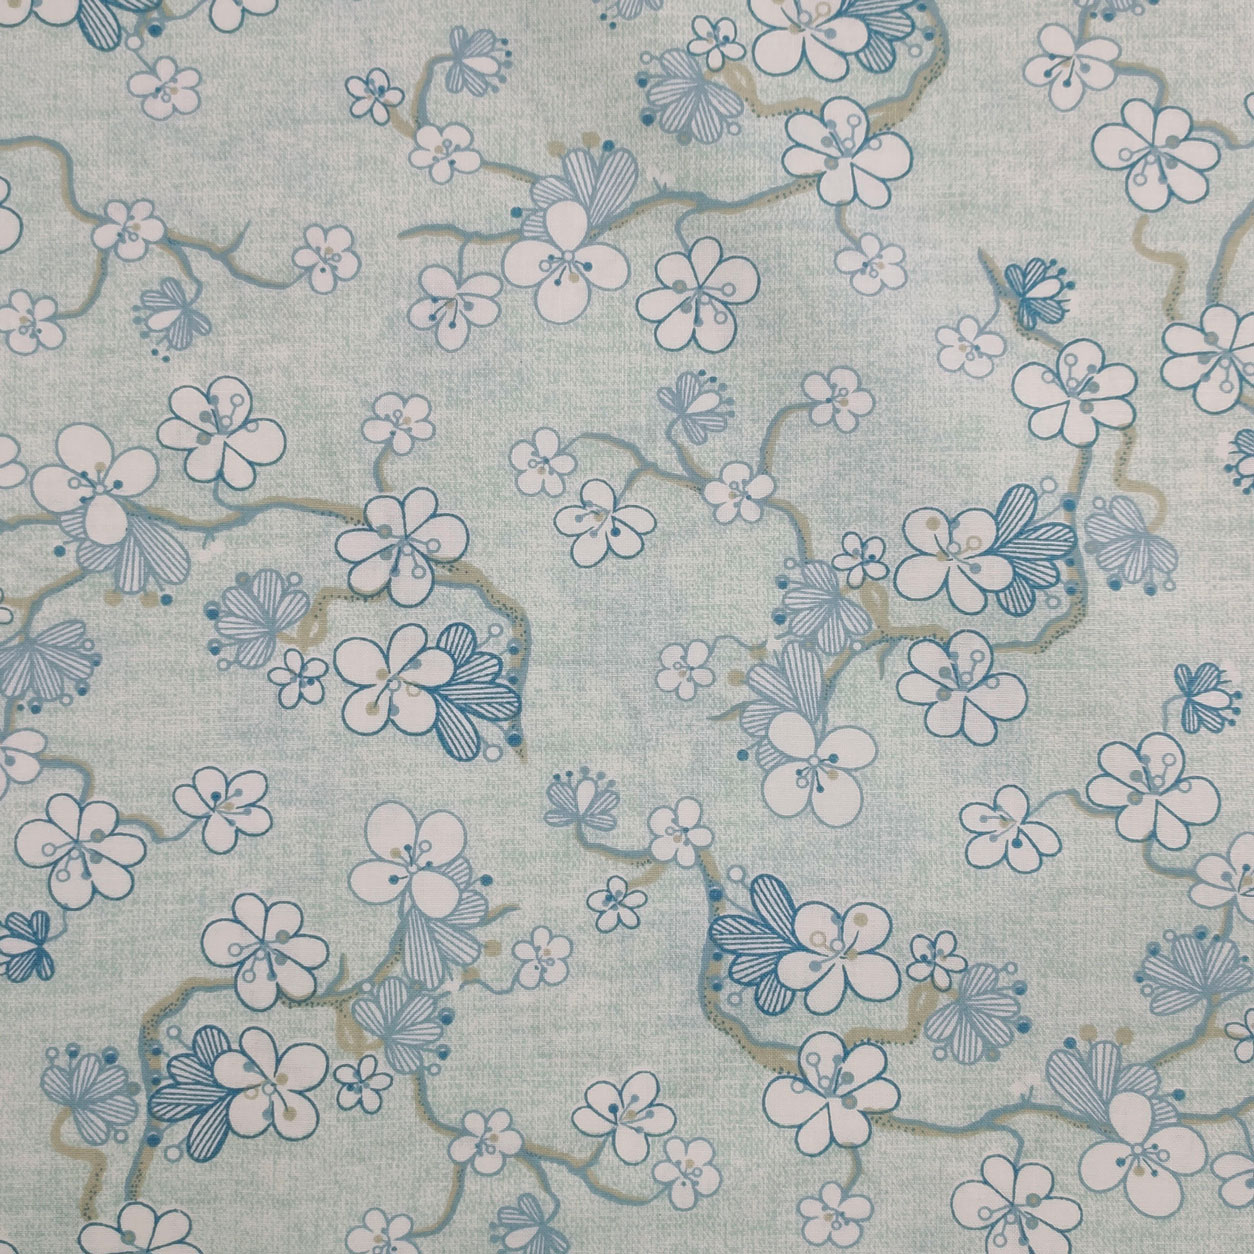 Tessuto Cotone Fantasia Fiori e Rami Sfondo Azzurro